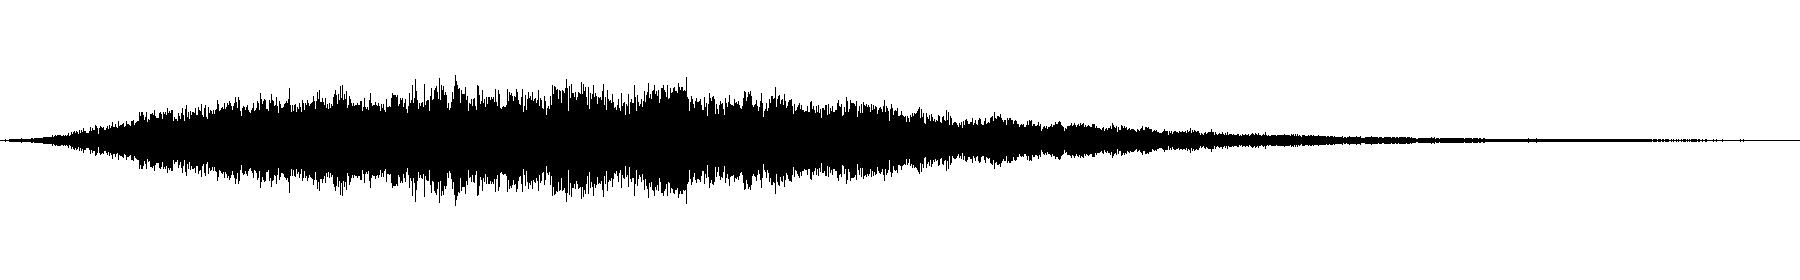 synth choir aaug5